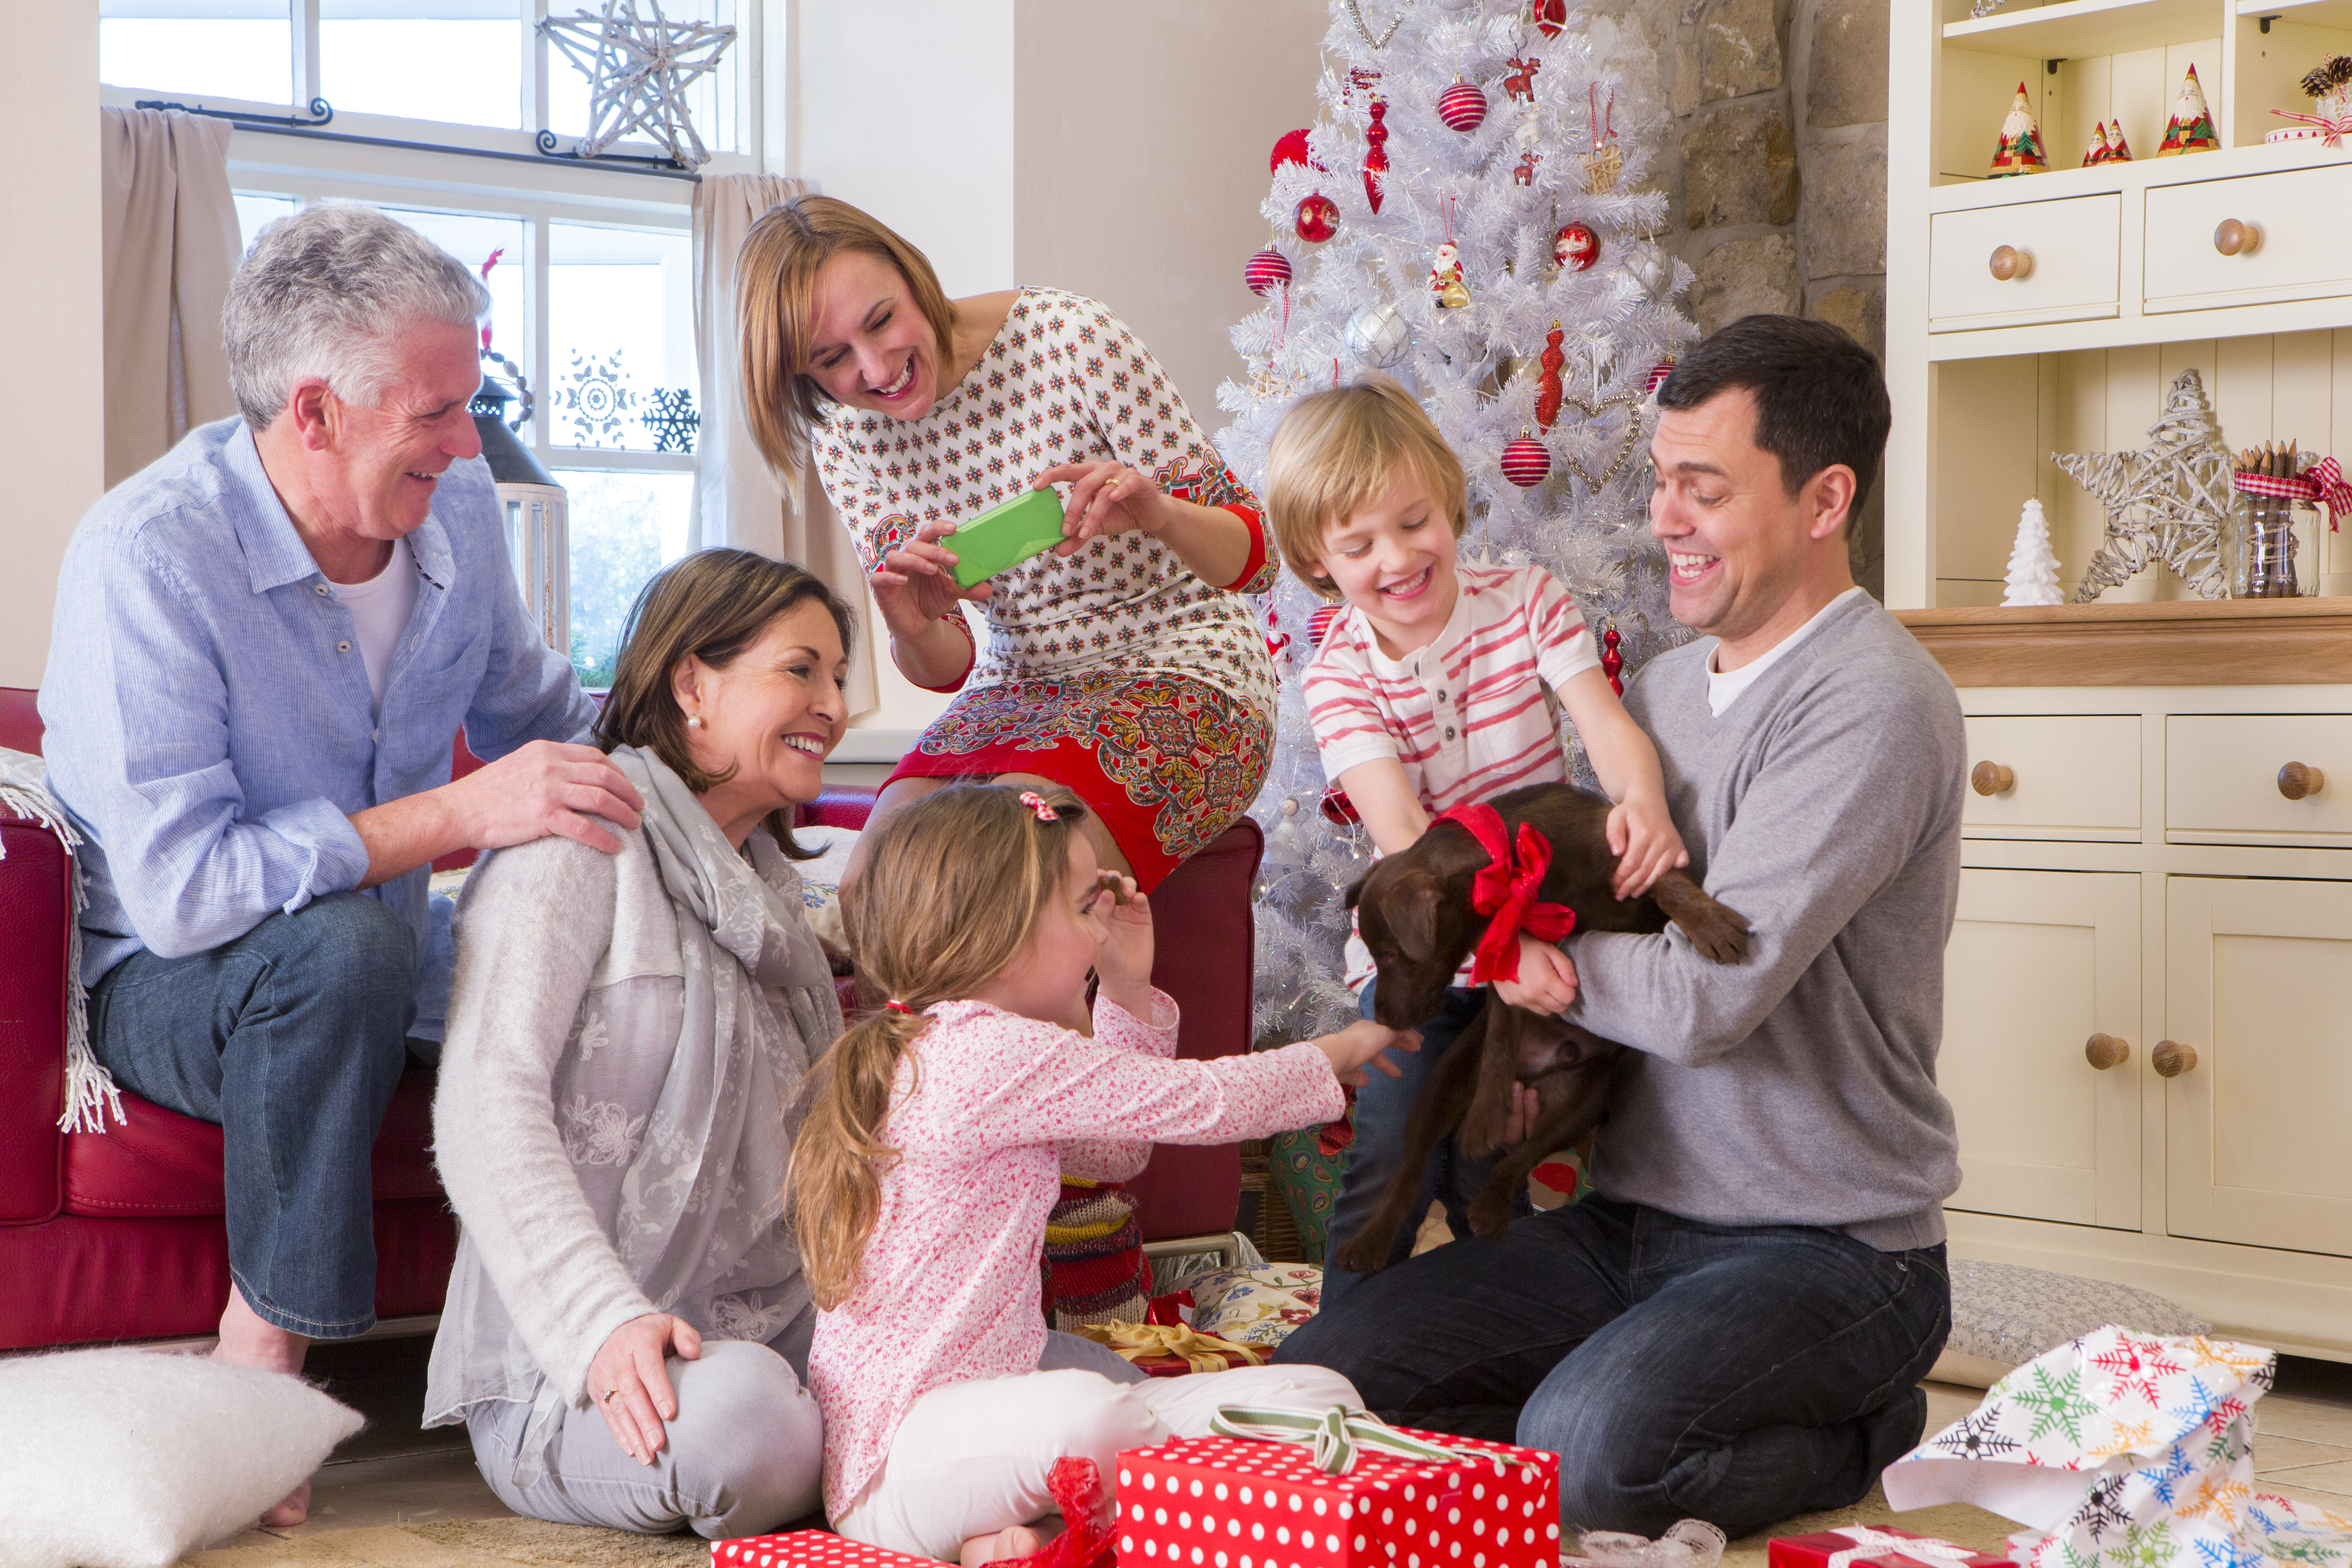 E' giusto regalare un cane per Natale?